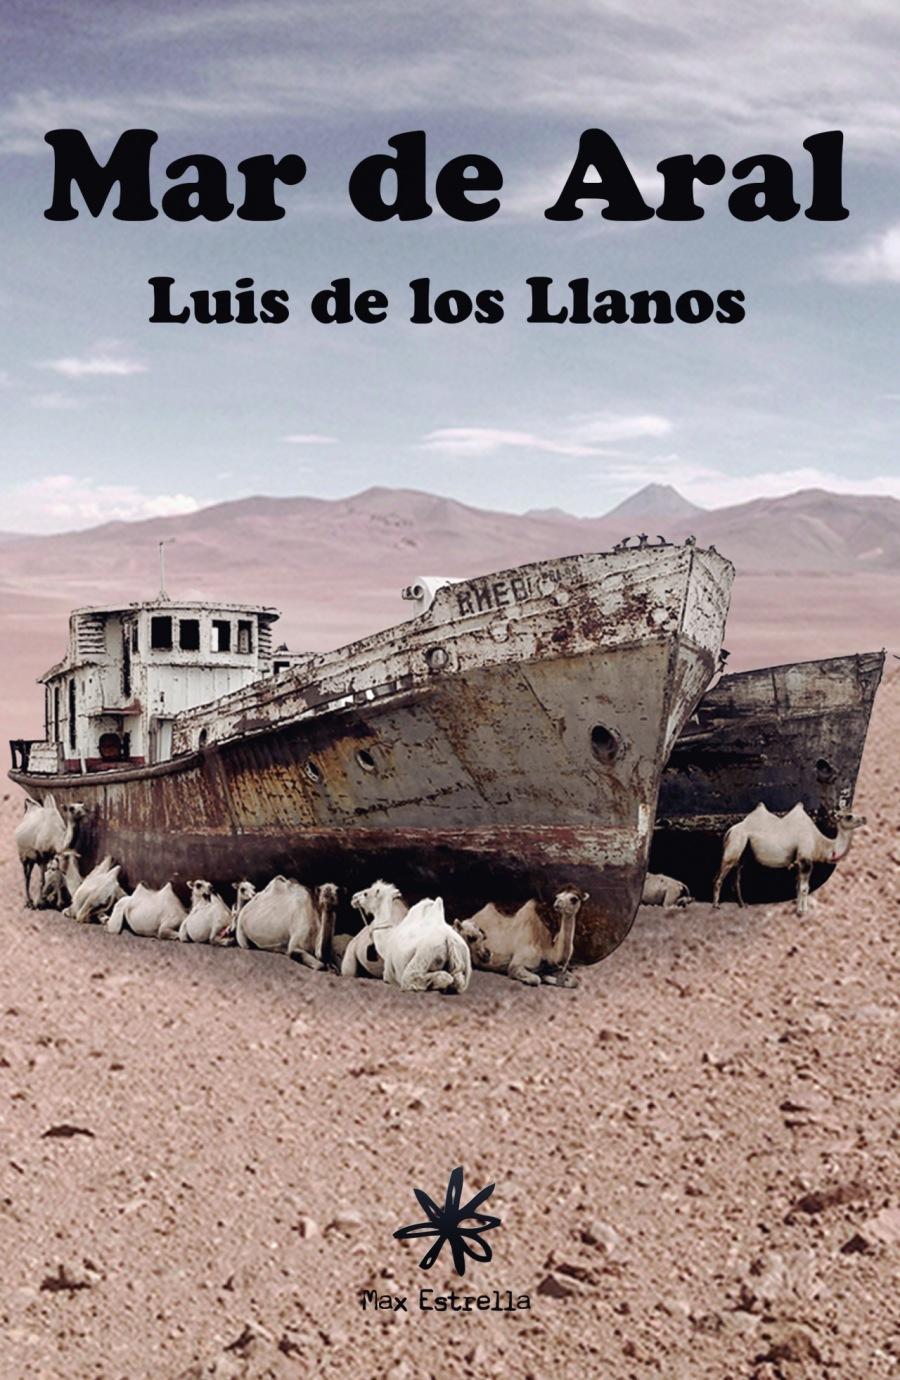 Mar de Aral  Luis de los Llanos